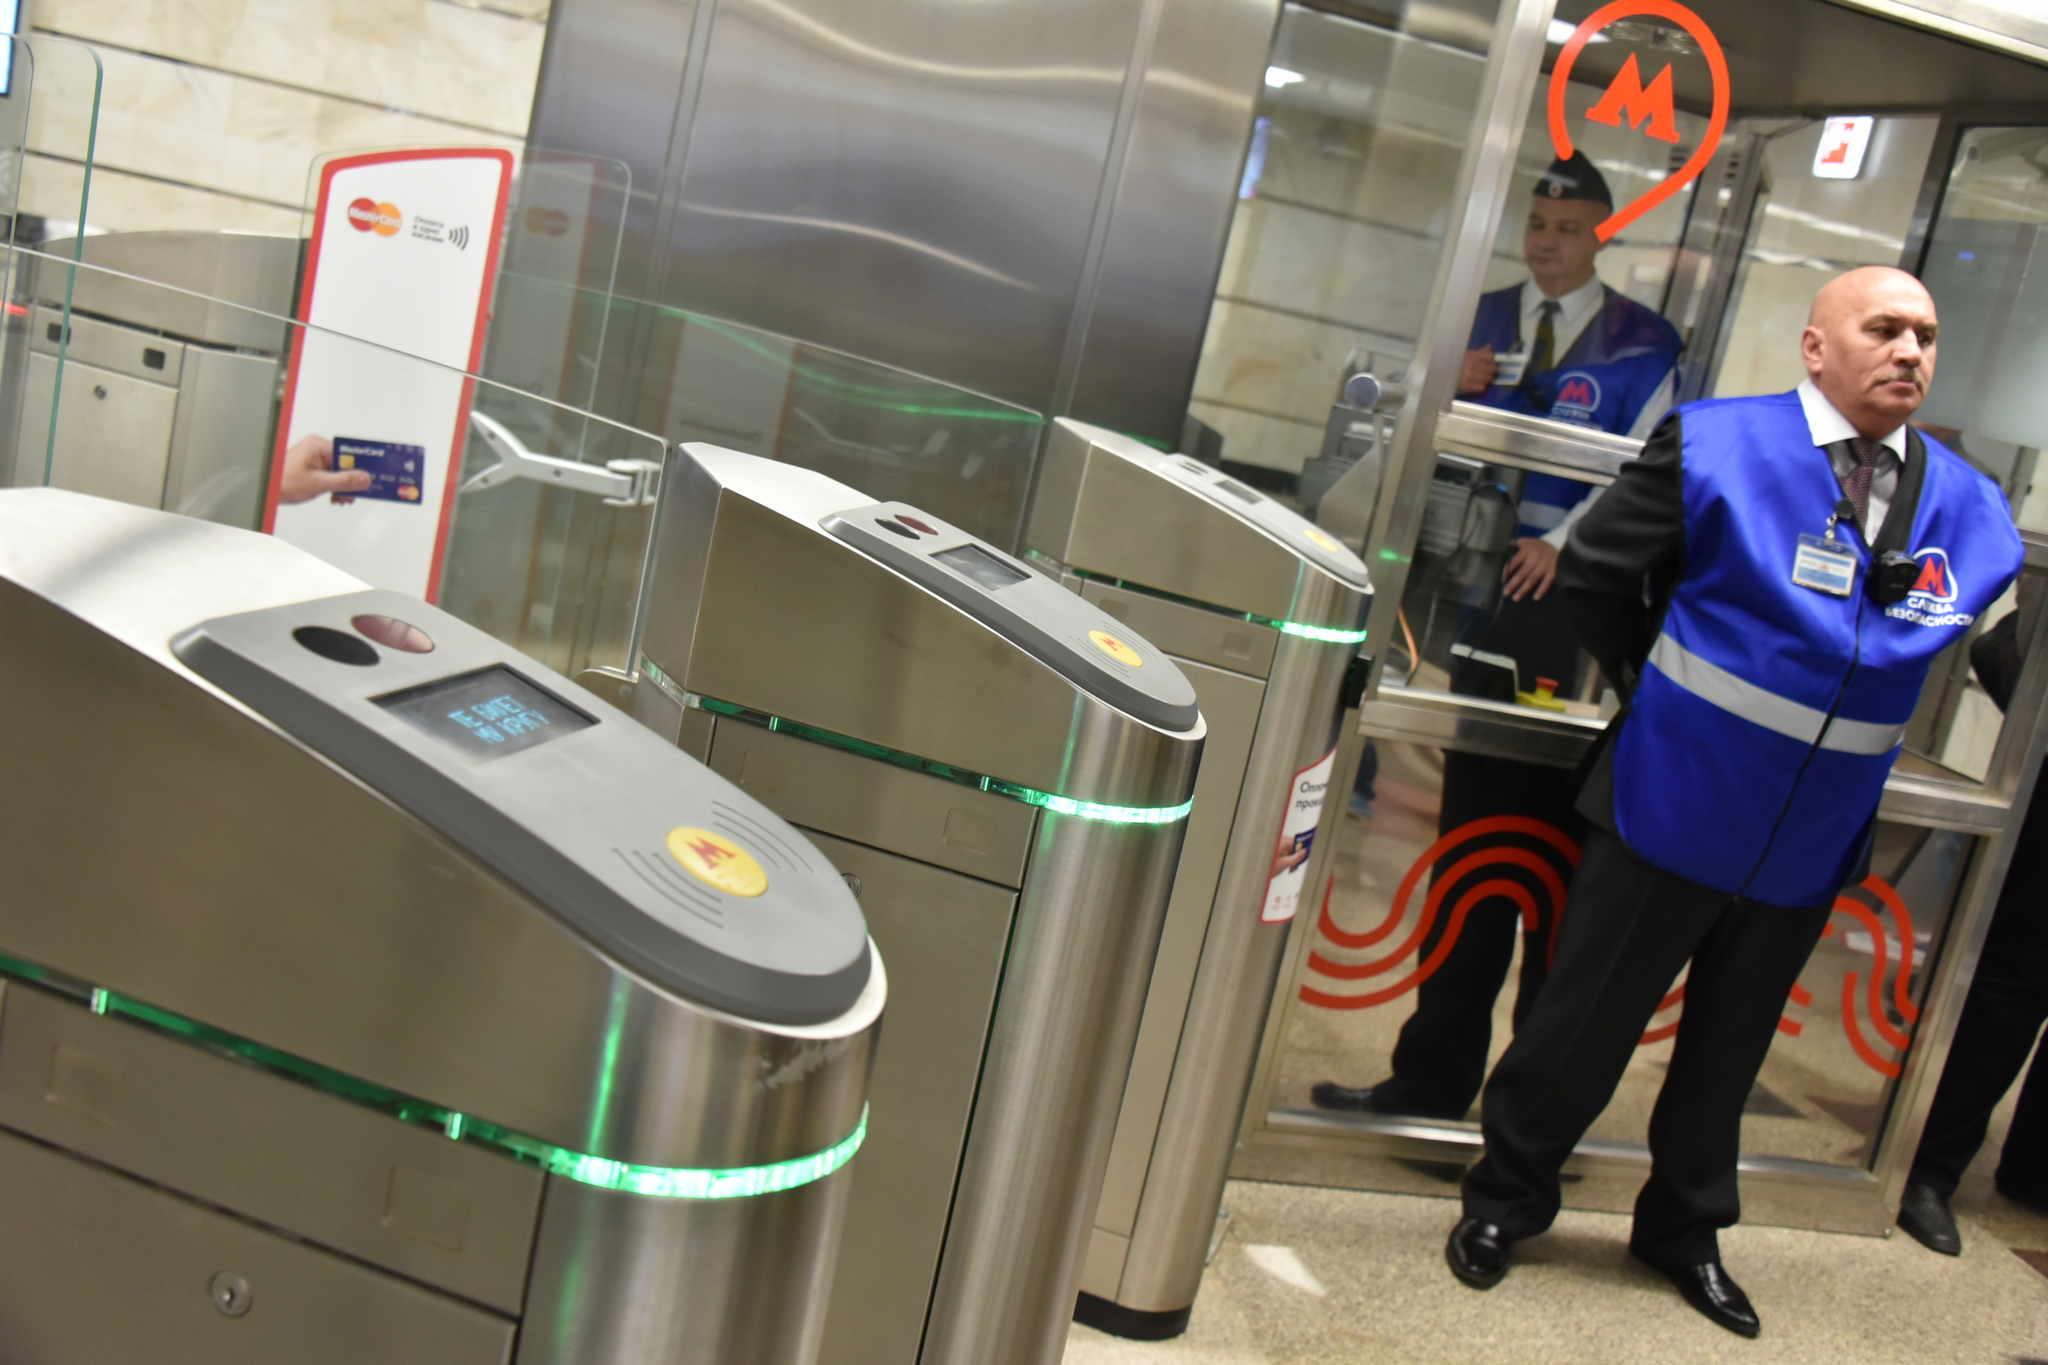 Оплату проезда лицом запустят в метро Москвы с 2021 года